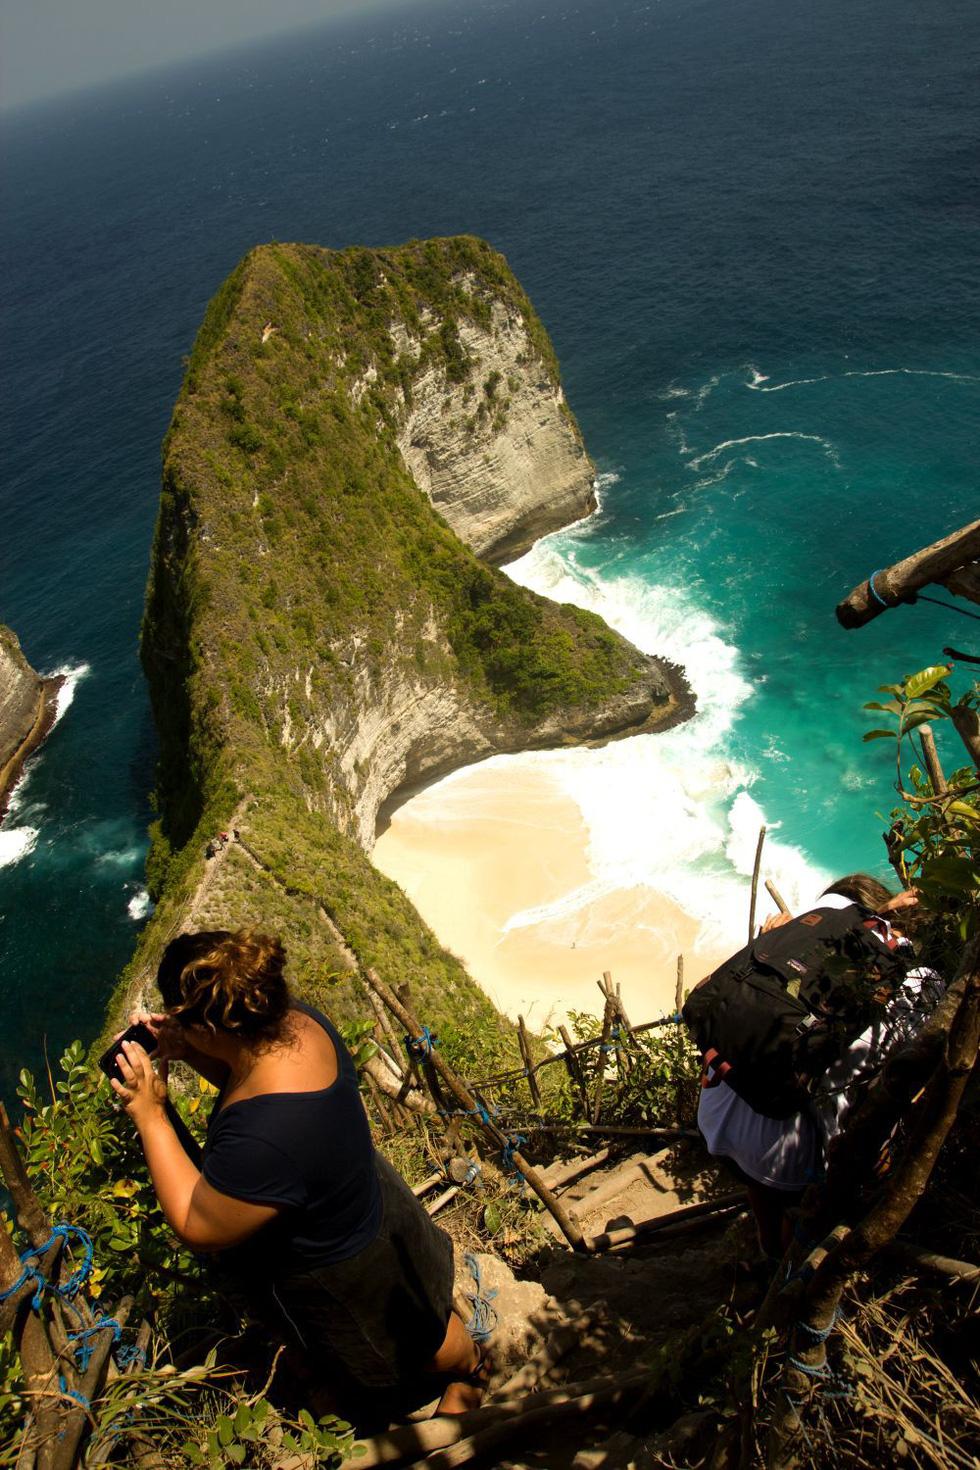 Tới Nusa Penida trèo lên lưng khủng long - Ảnh 7.